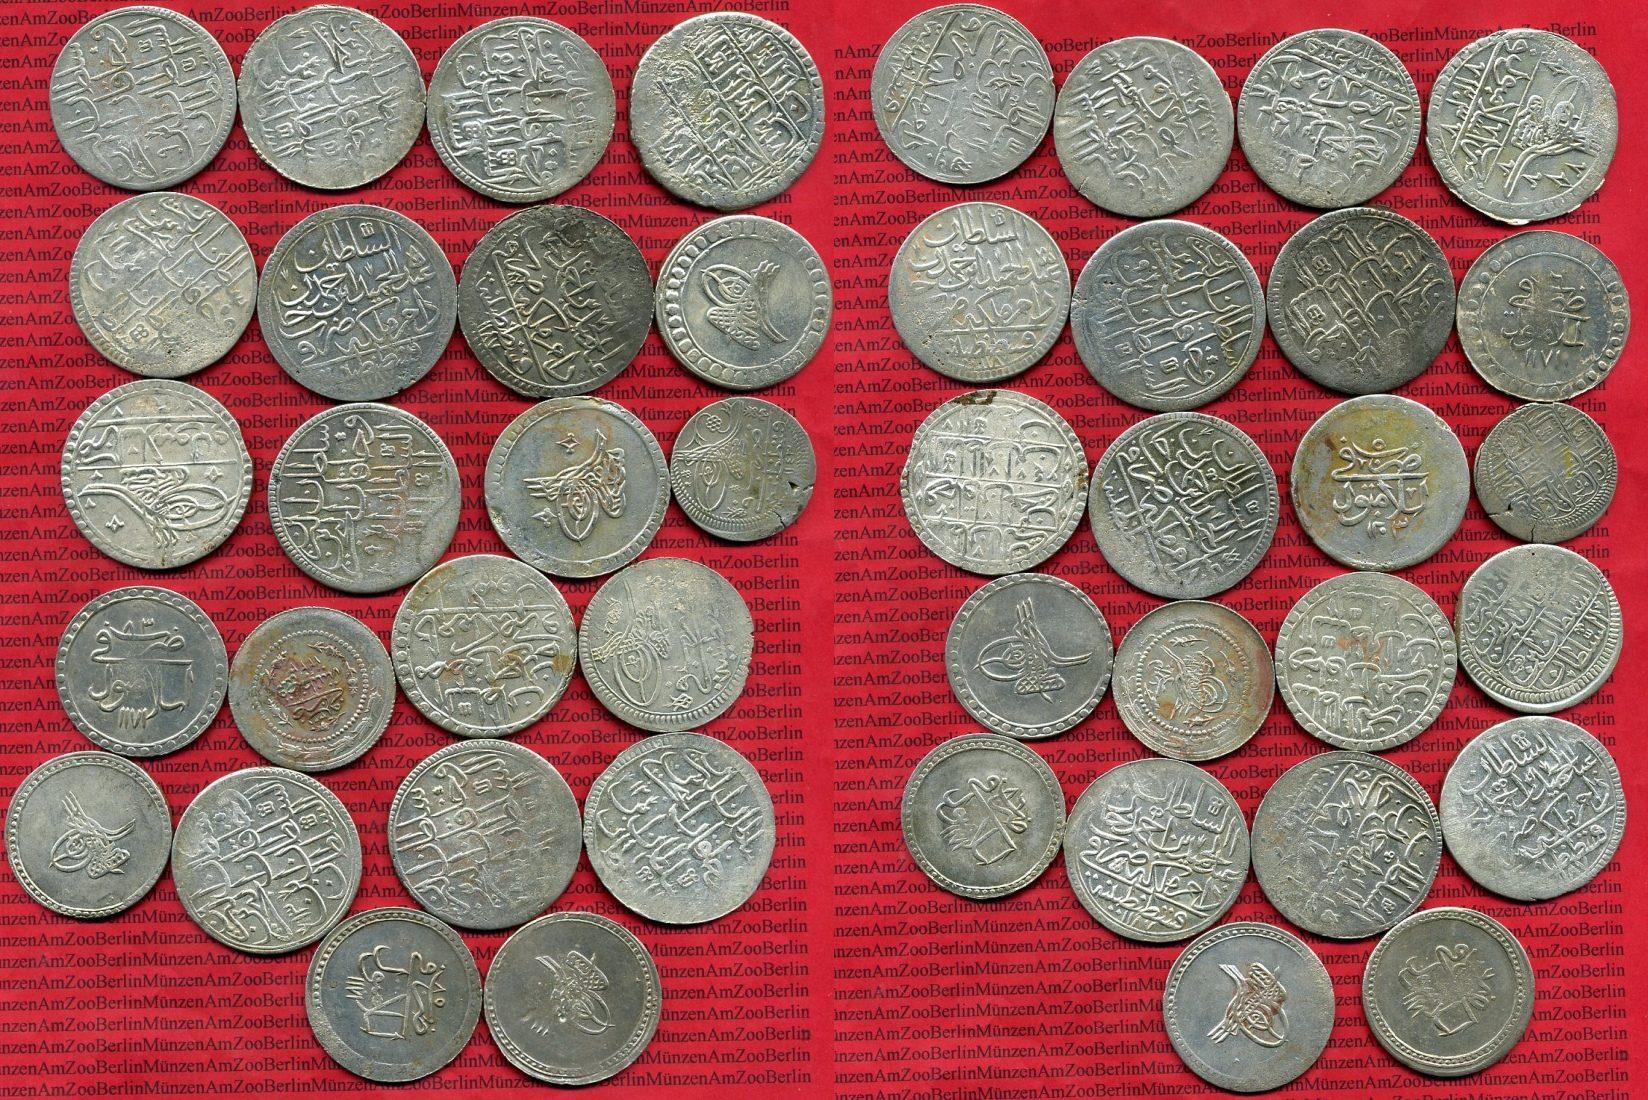 22 Münzen 1800 Ff Türkei Osmanisches Reich Lot Von 22 Silbermünzen